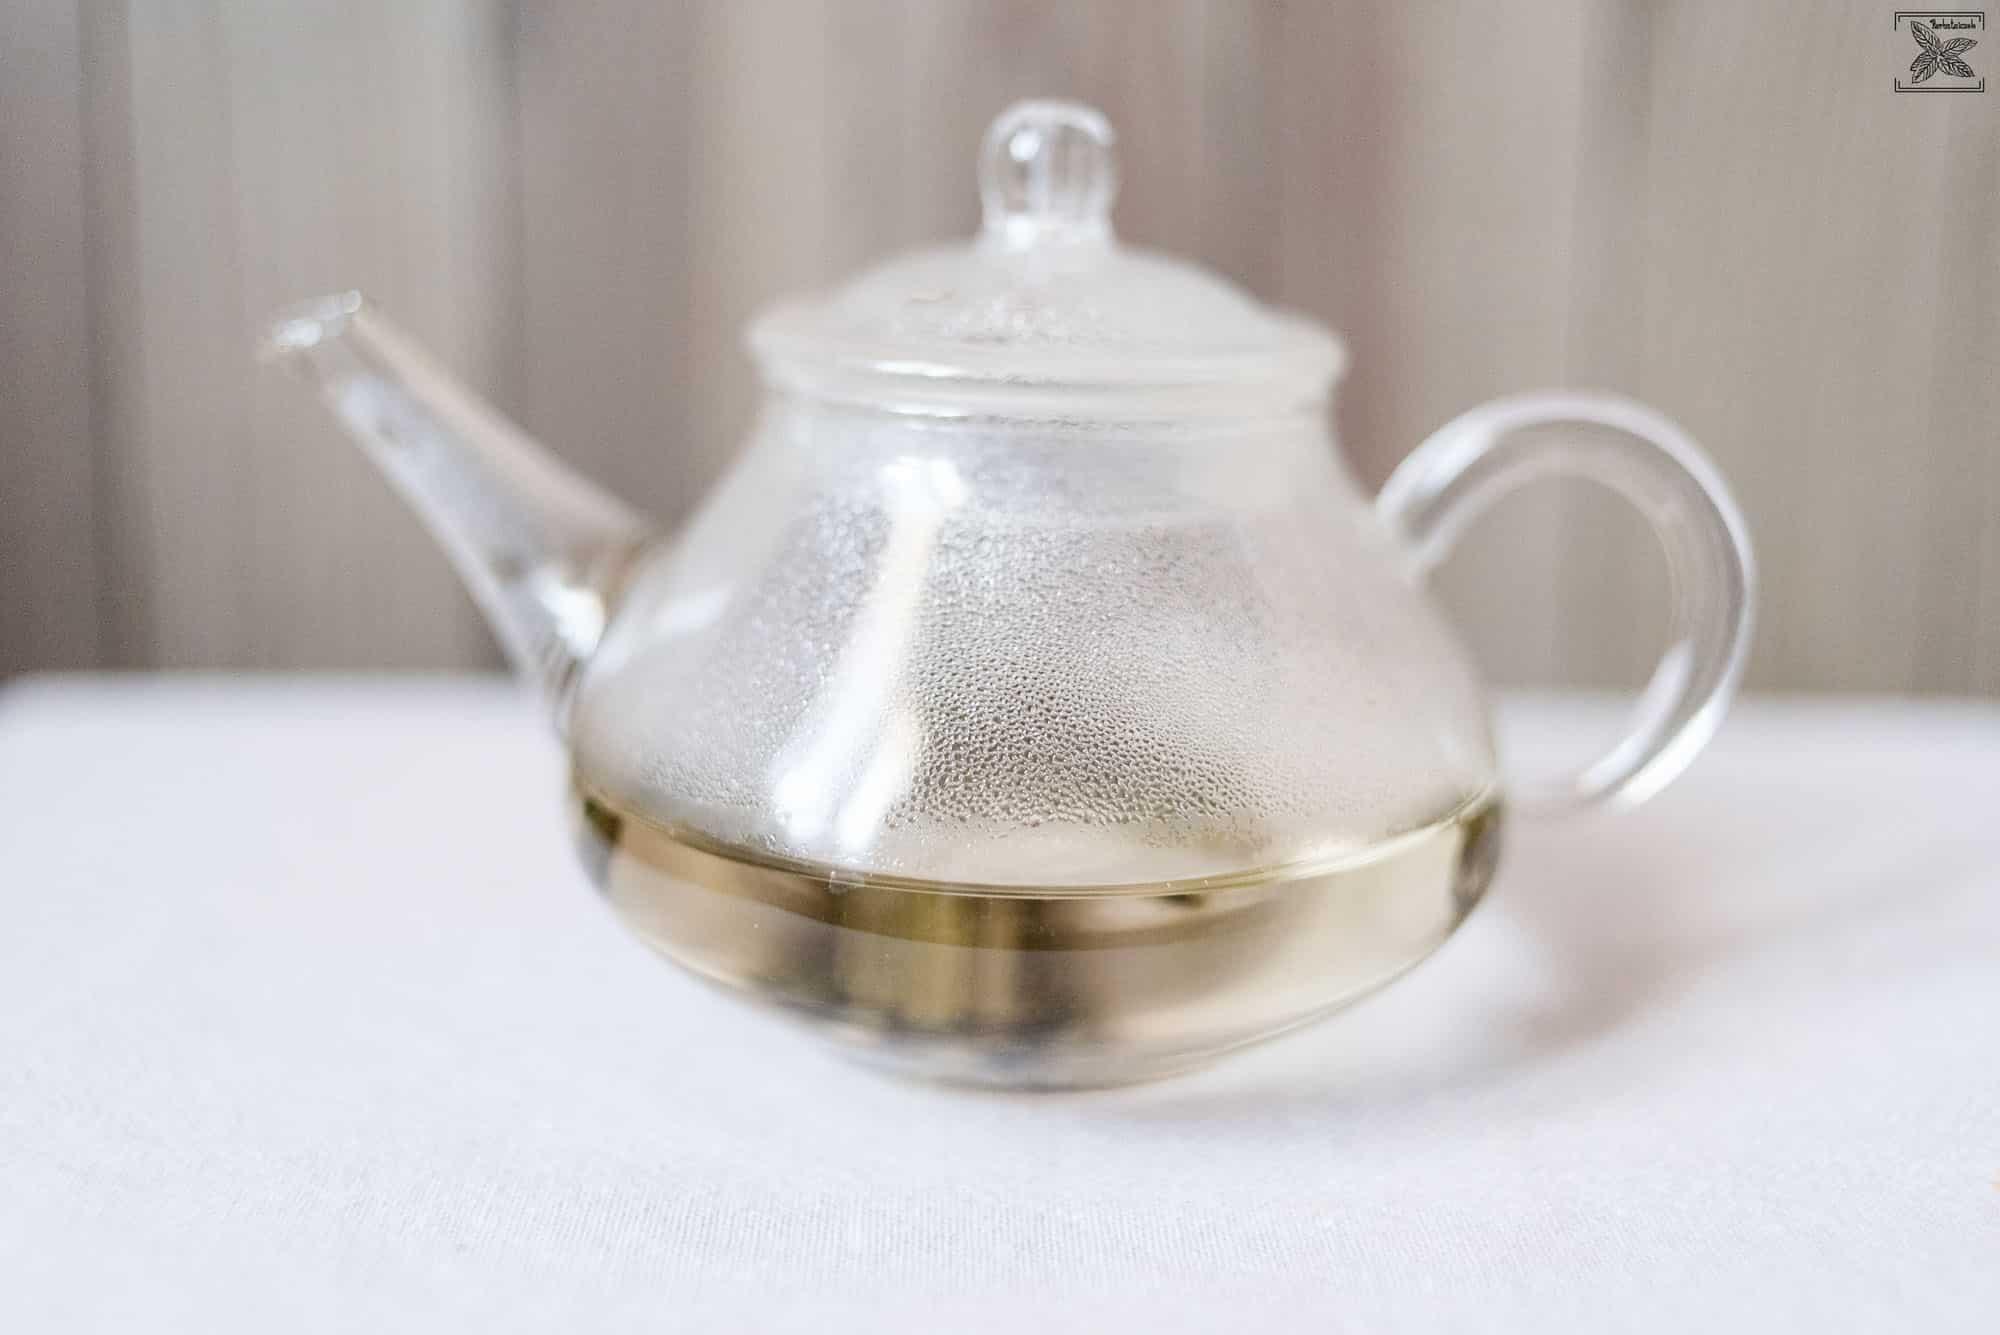 Zielona herbata z Fujian - Oczy Fenixa: parzenie herbaty